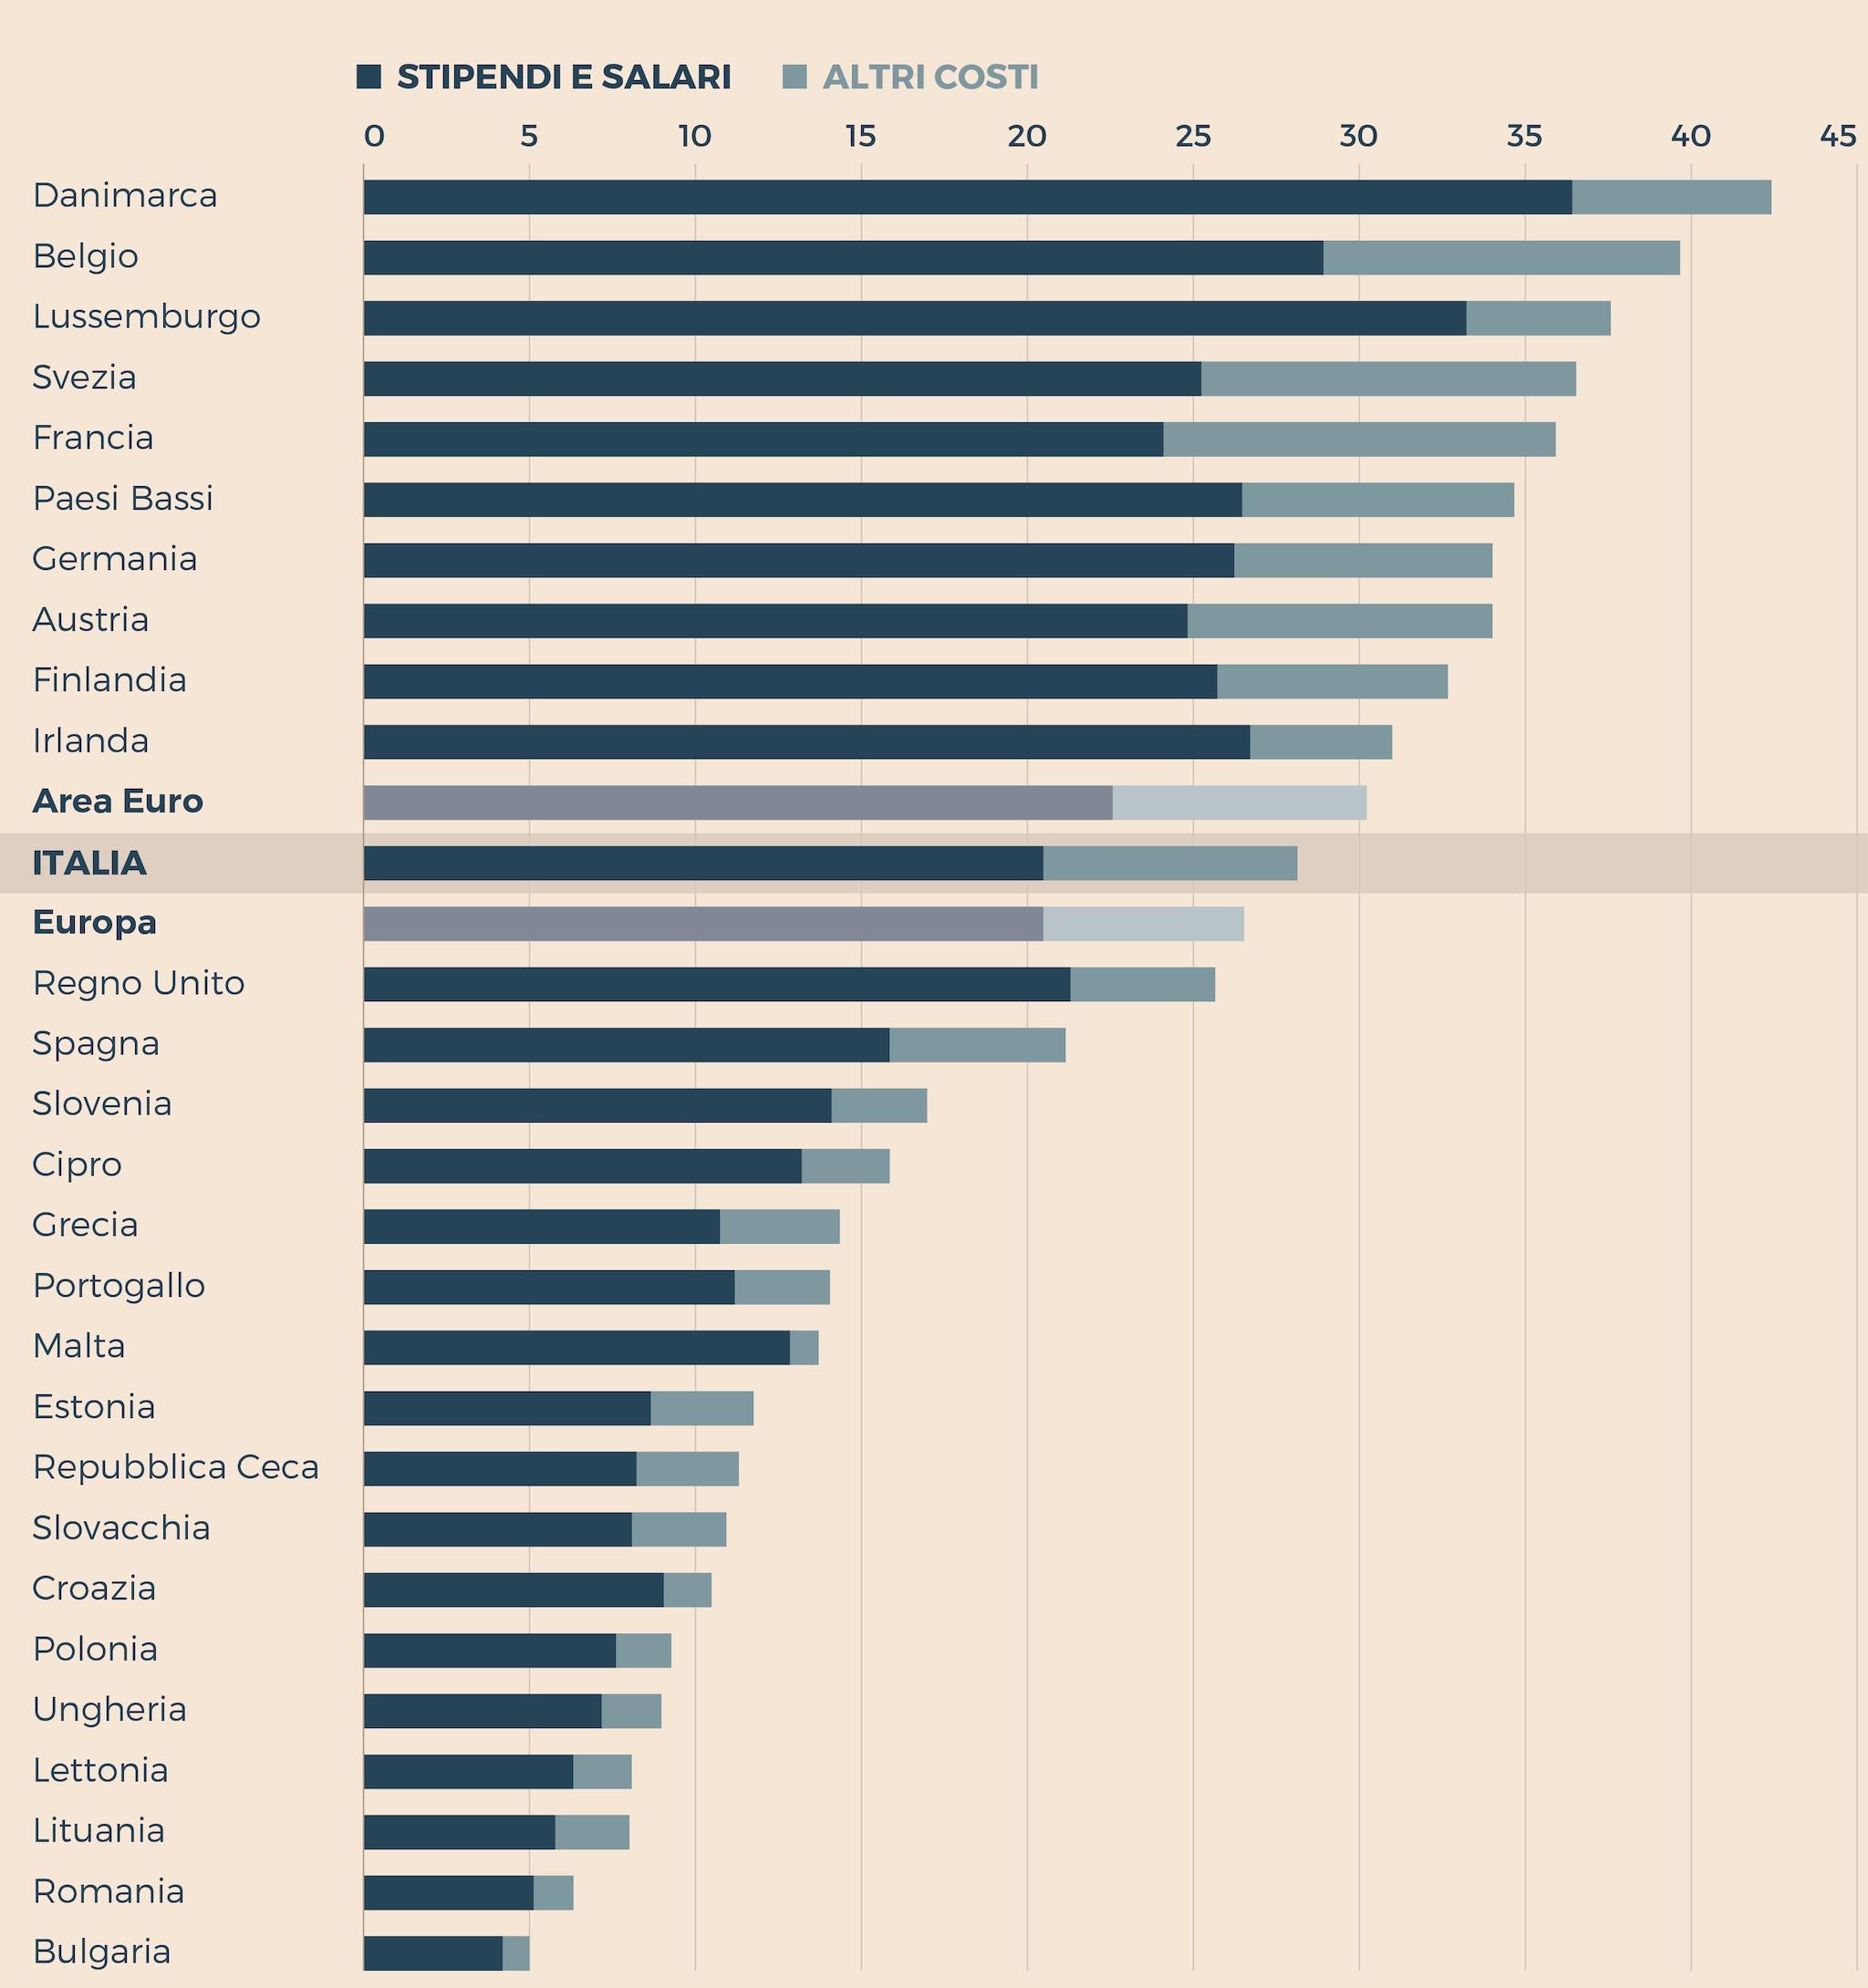 COSTO ORARIO DEL LAVORO IN EURO PER L'INTERA ECONOMIA